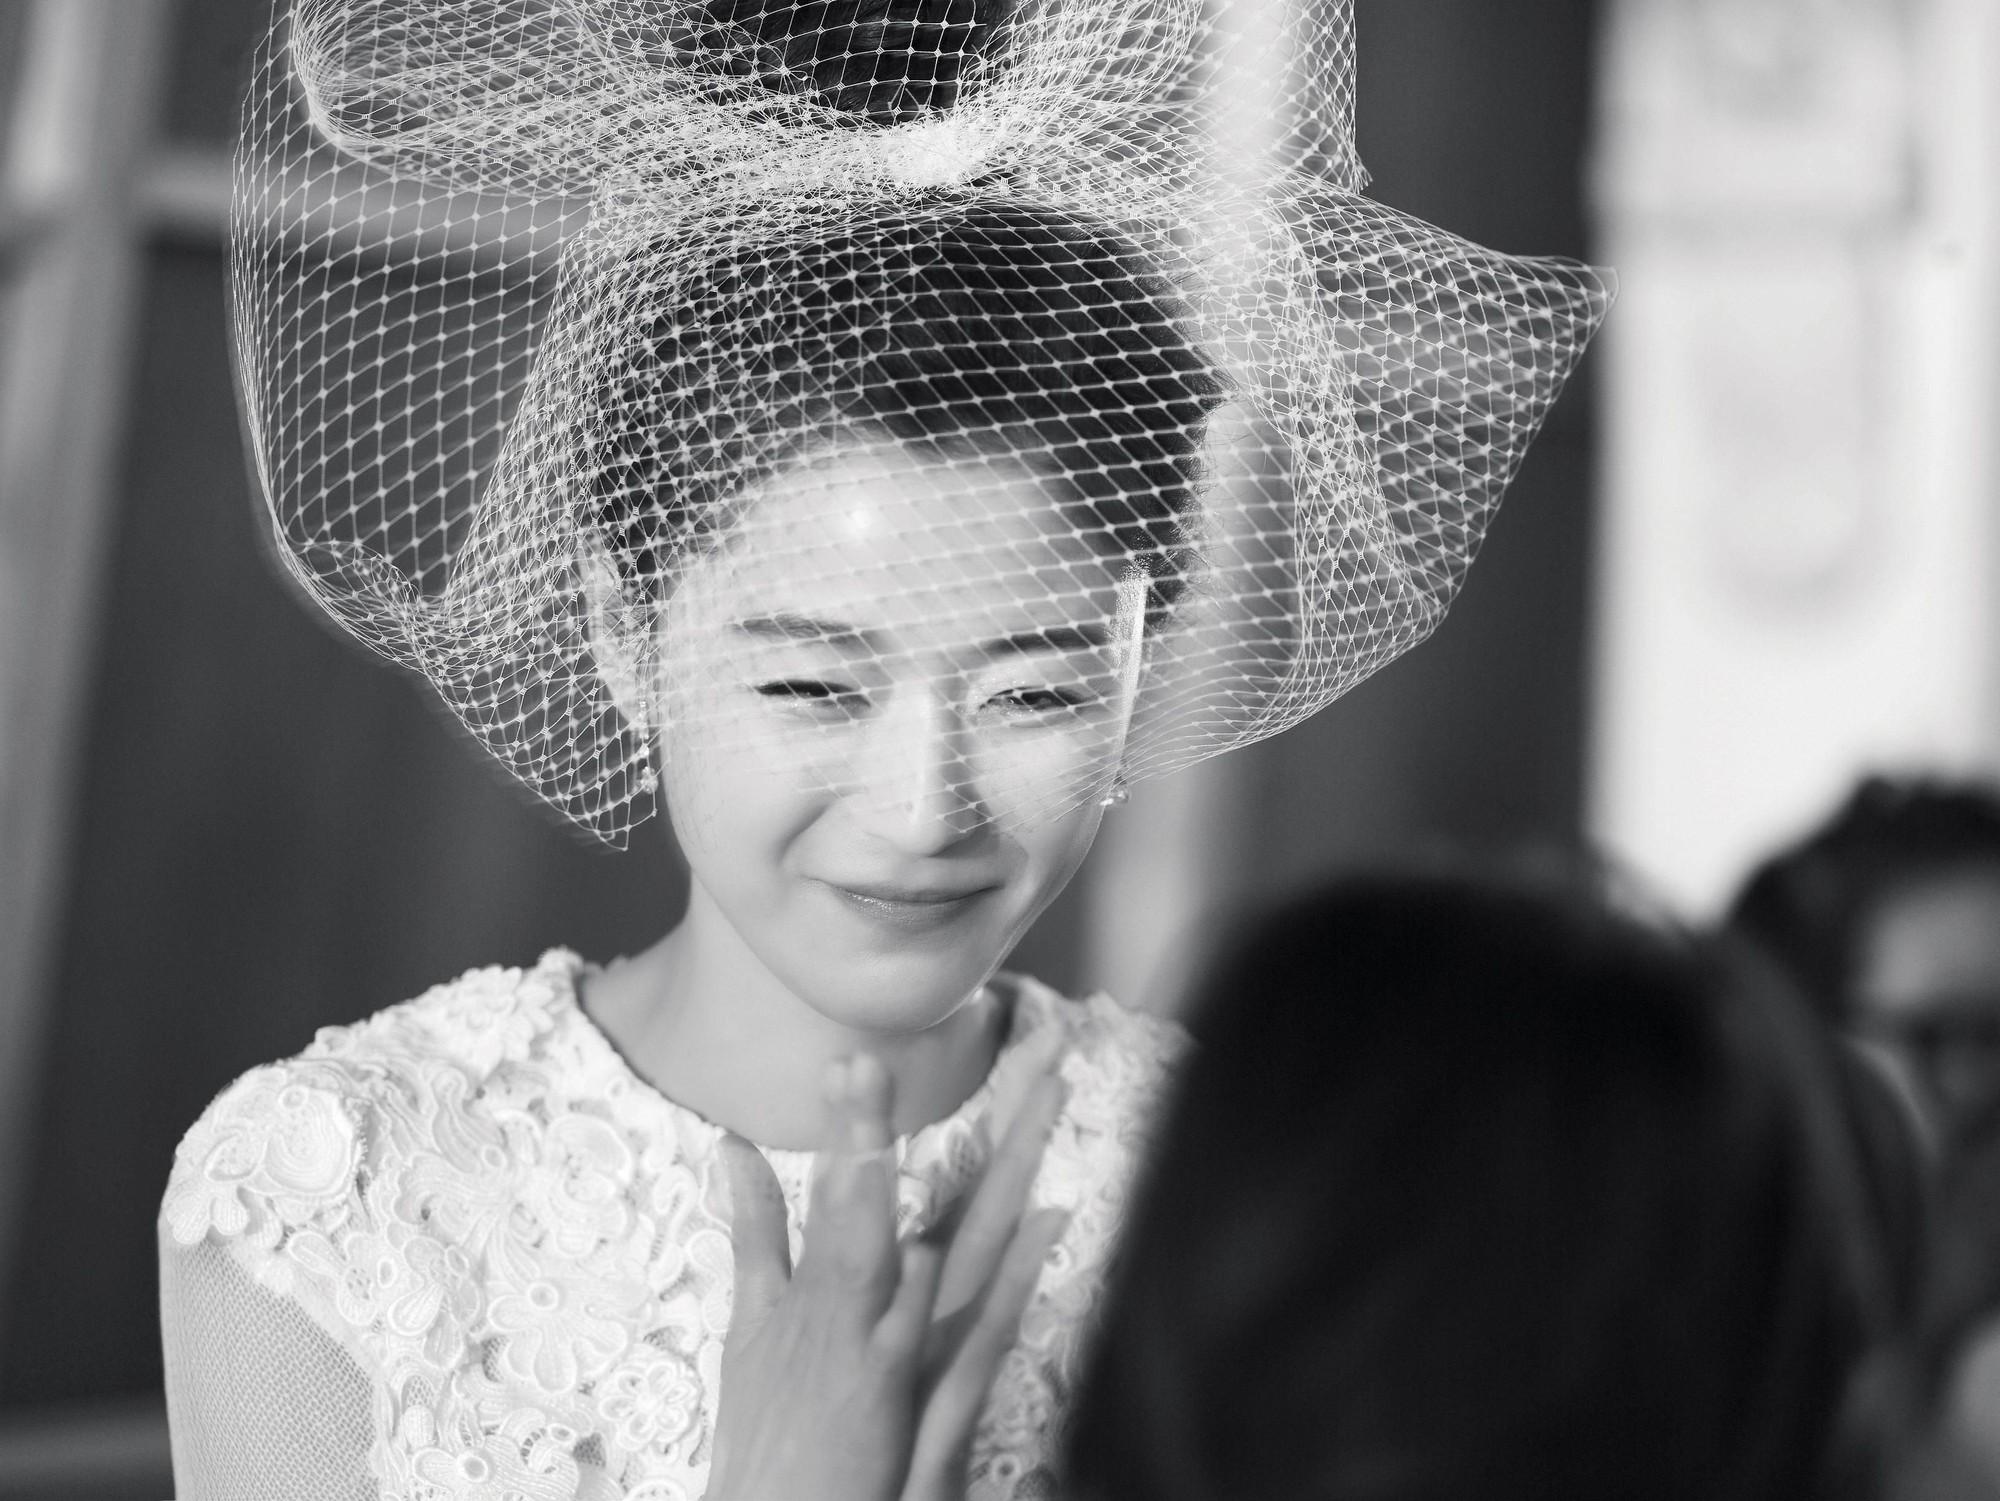 Ảnh cưới của mợ chảnh Jeon Ji Hyun gây sốt sau 6 năm: Huyền thoại nhan sắc đỉnh nhất Kbiz là đây! - Ảnh 11.